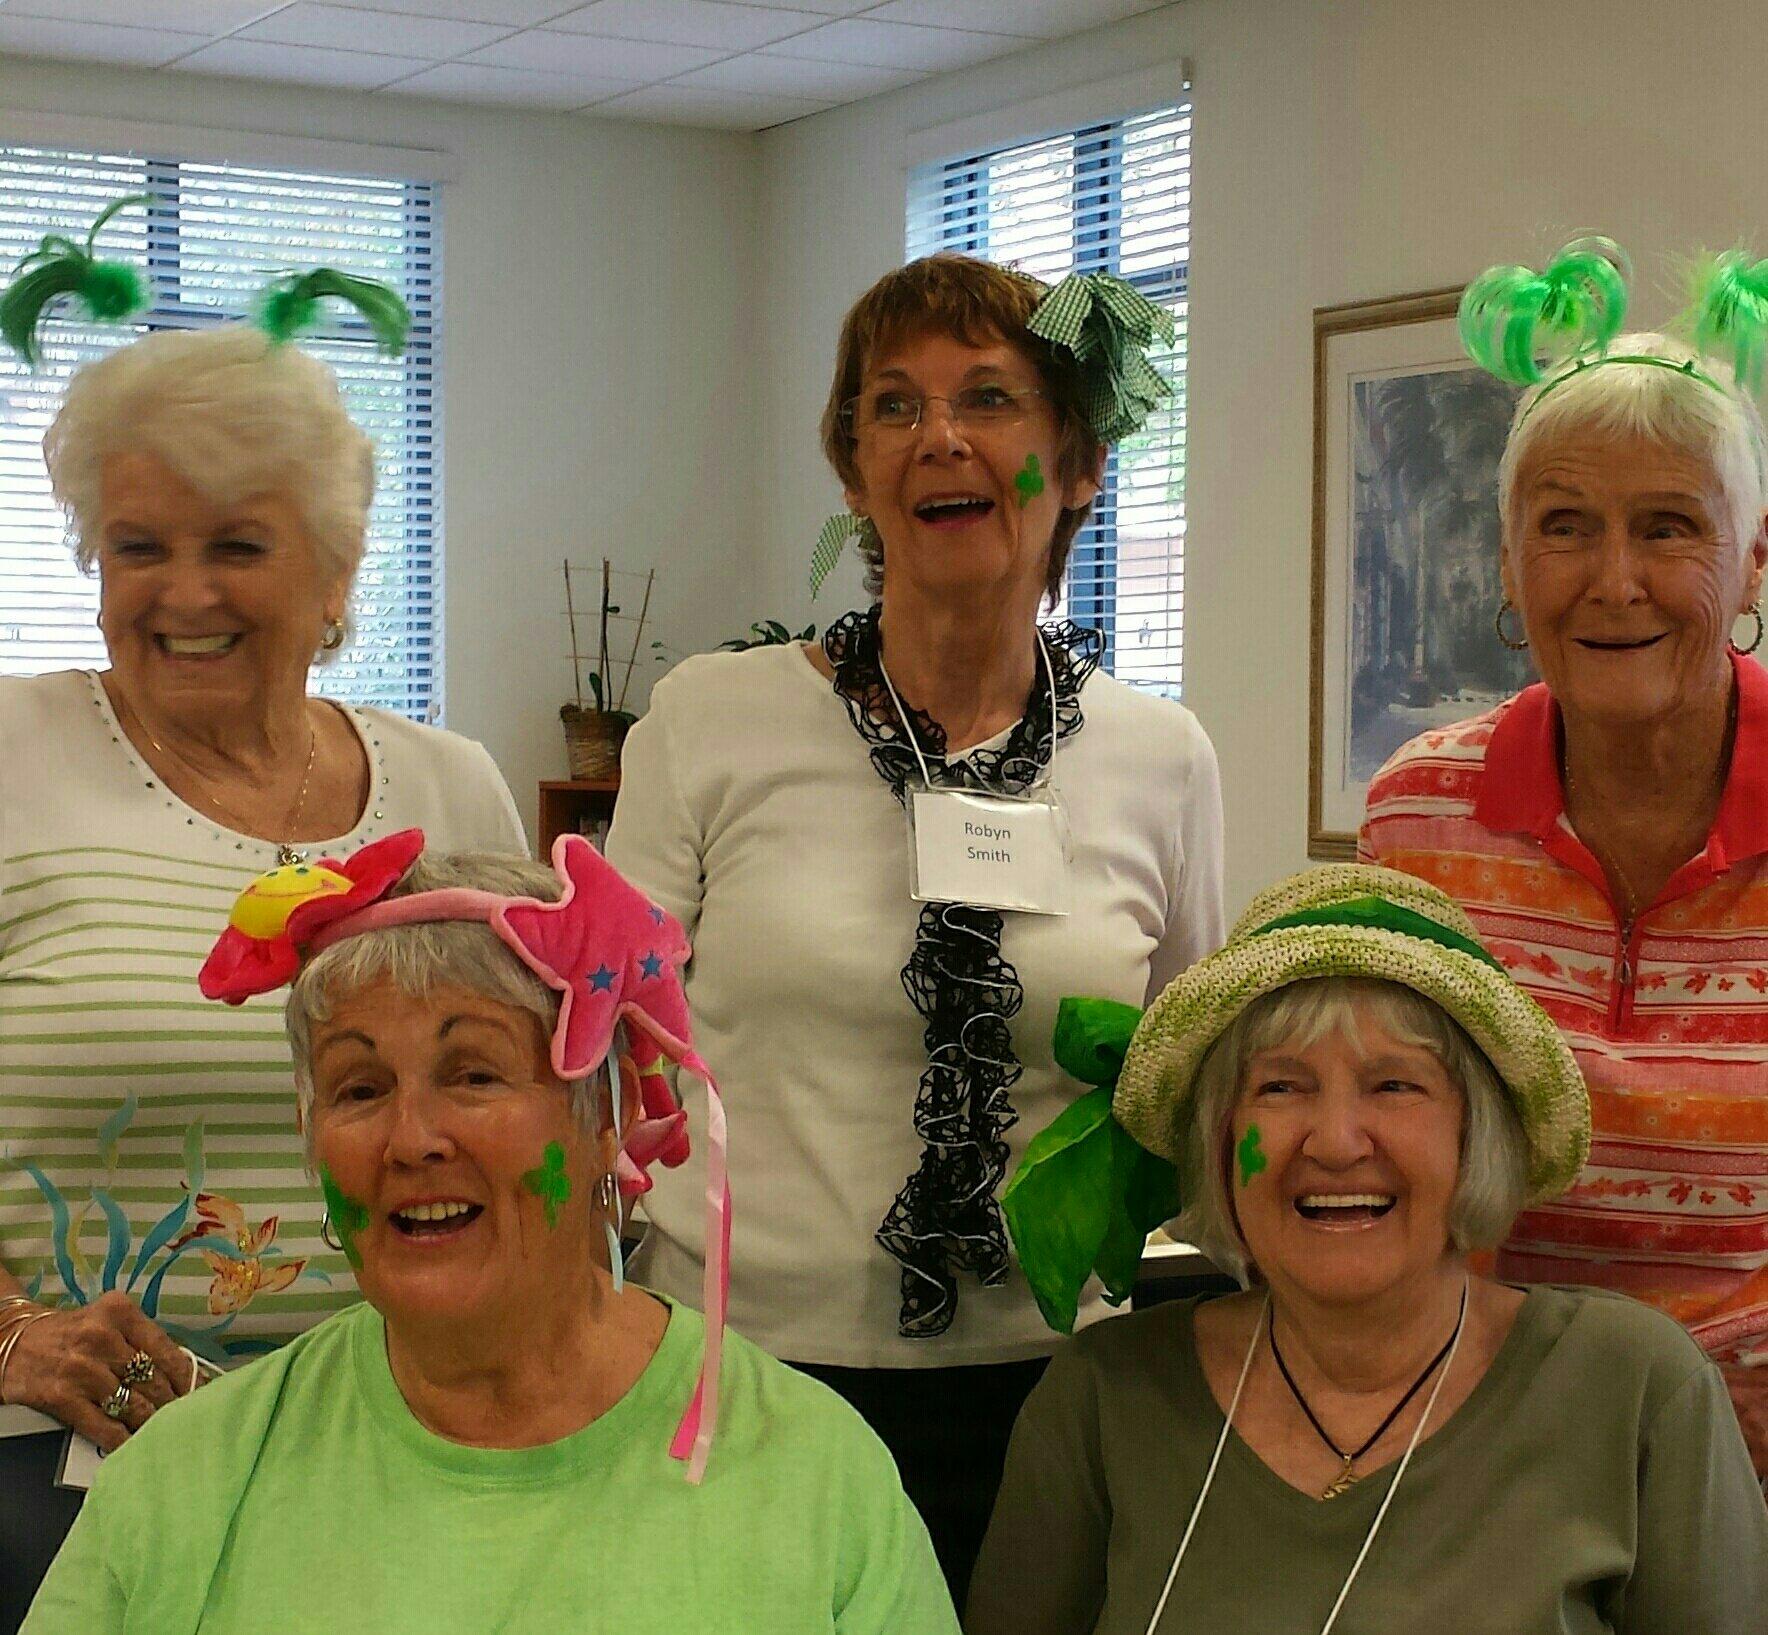 Senior Center Fun